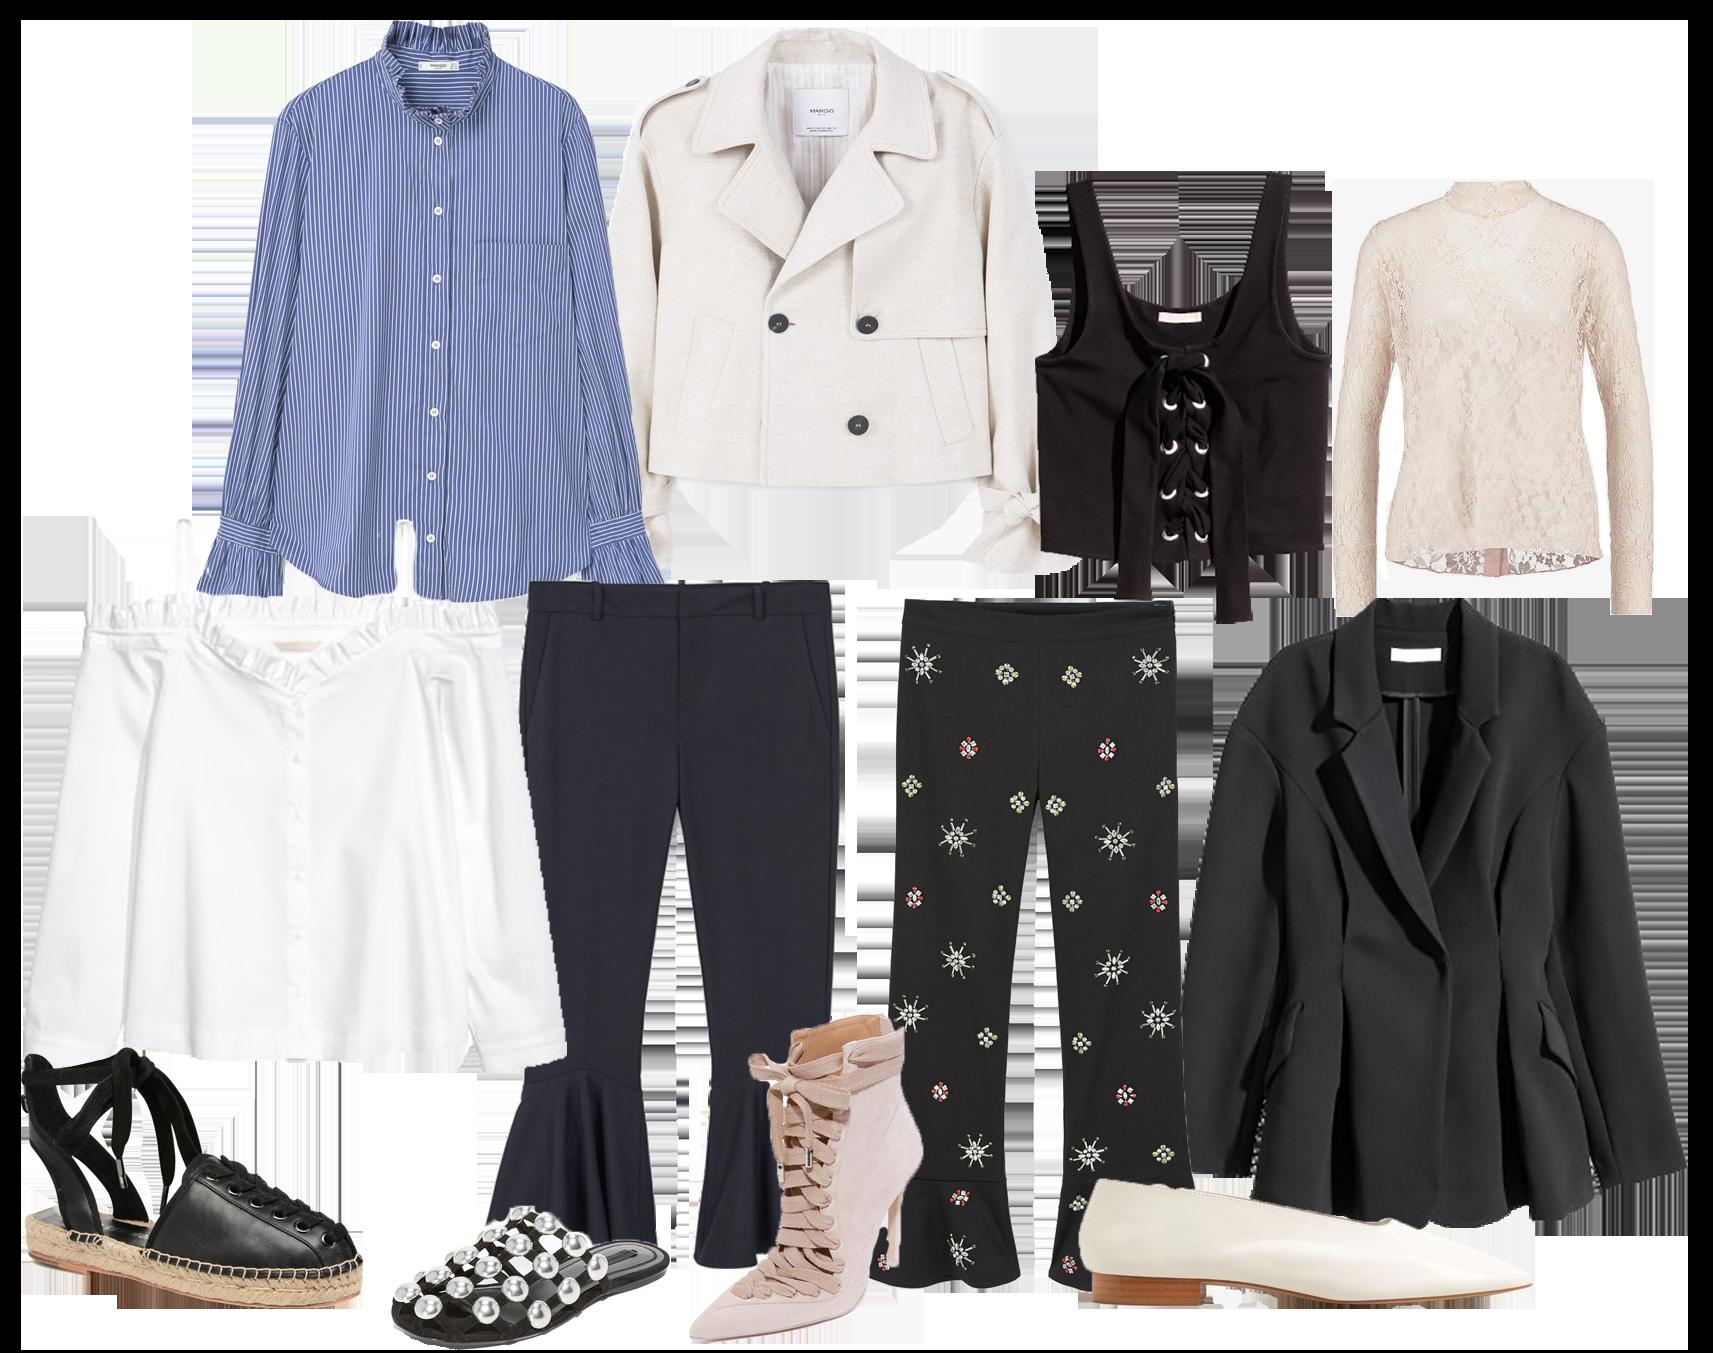 Что надеть на фестиваль   стиль: гранжевый,  броский,  холодный,  праздничный, лето, бохо, Coachella   картинки: модный блоггер Маша Седжвик